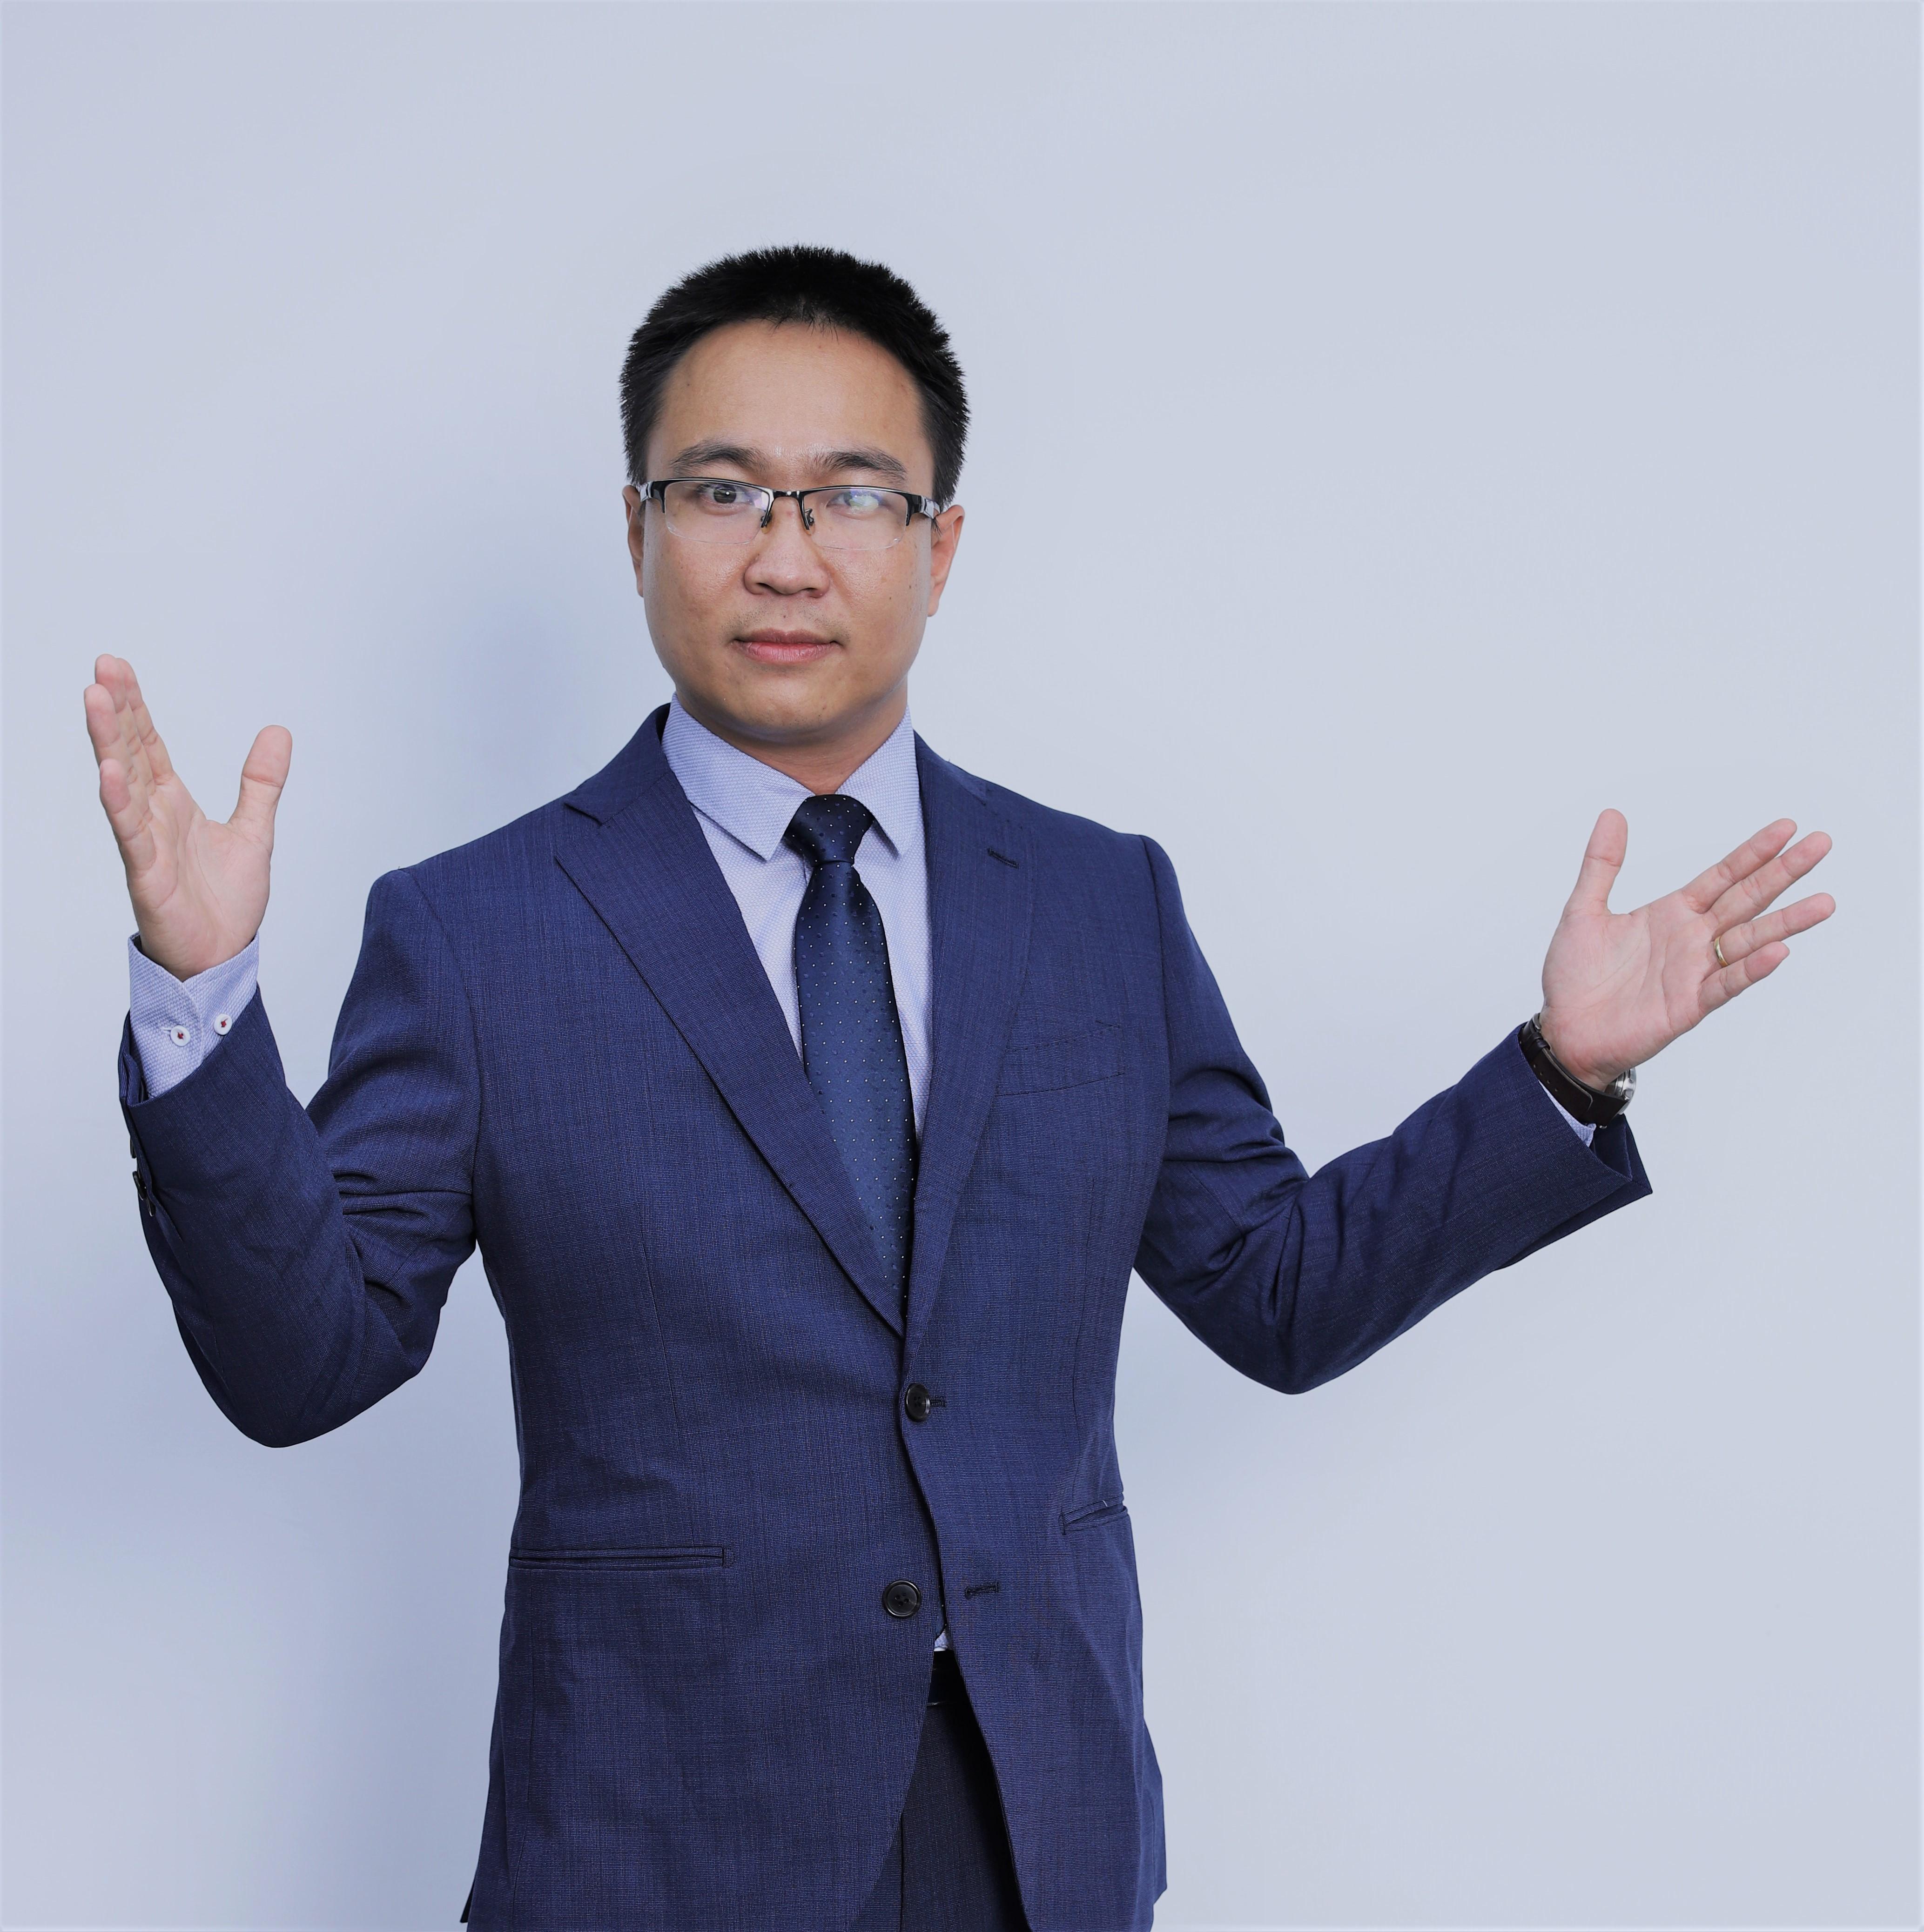 Nguyễn Văn Sơn